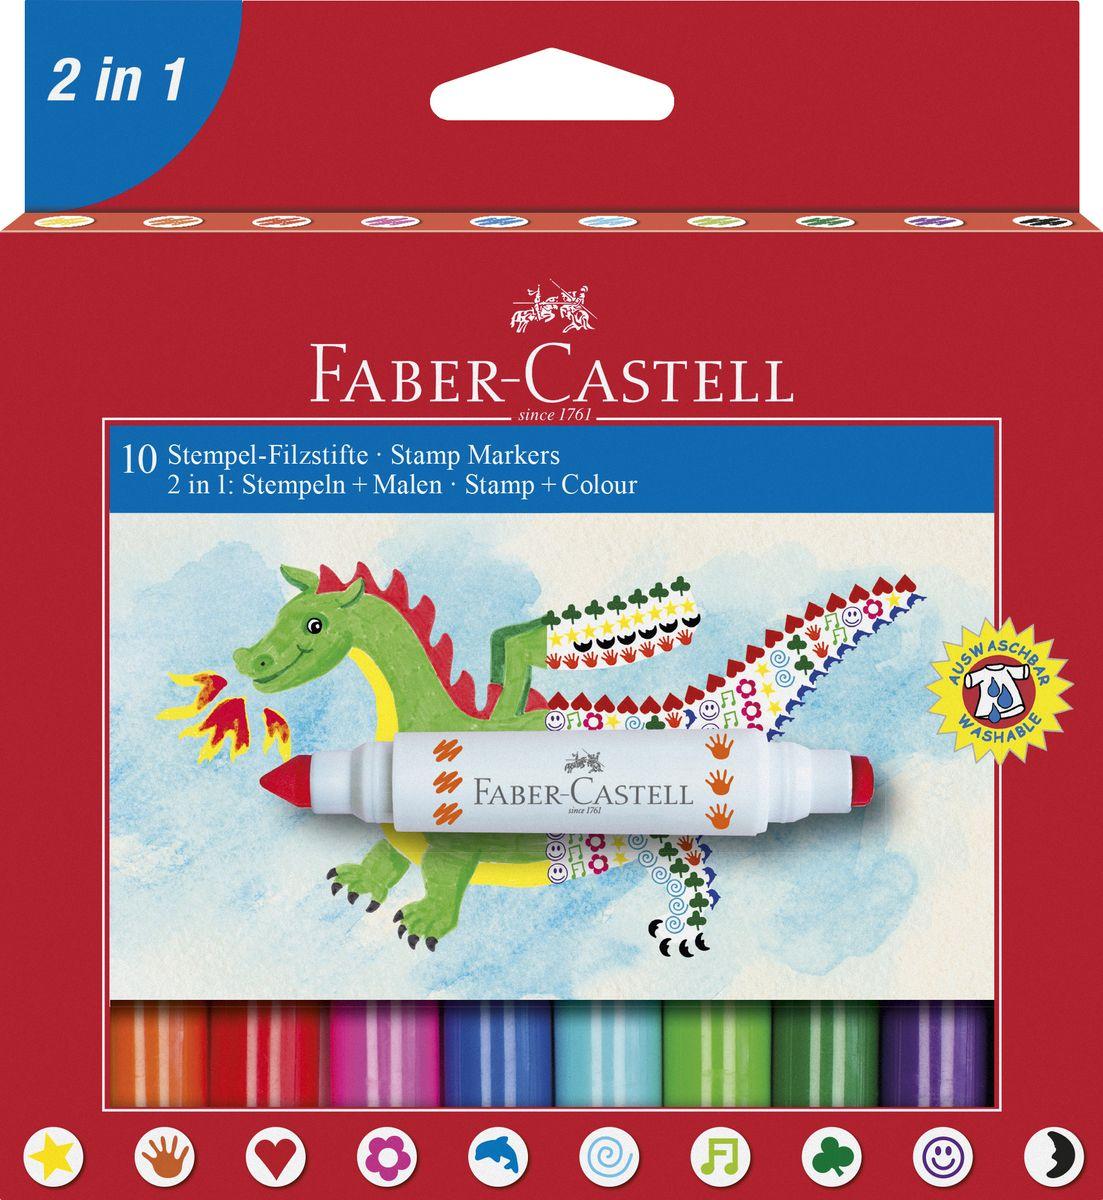 Faber-Castell Фломастеры-штампы 10 цветов155170Уникальные фломастеры-штампы Faber-Castell помогут маленькому художнику раскрыть свой творческий потенциал, рисовать и раскрашивать яркие картинки, развивая воображение, мелкую моторику и цветовосприятие. В наборе 10 разноцветных фломастеров, с одной стороны которых расположен цветной наконечник, а с другой - штамп того же цвета. Все штампы имеют разные рисунки. Корпусы выполнены из пластика. Чернила на водной основе окрашены с использованием пищевых красителей, благодаря чему они полностью безопасны для ребенка и имеют яркие, насыщенные цвета. Если маленький художник запачкался - не беда, ведь фломастеры отстирываются с большинства тканей. Вентилируемый колпачок надолго сохранит яркость цветов.